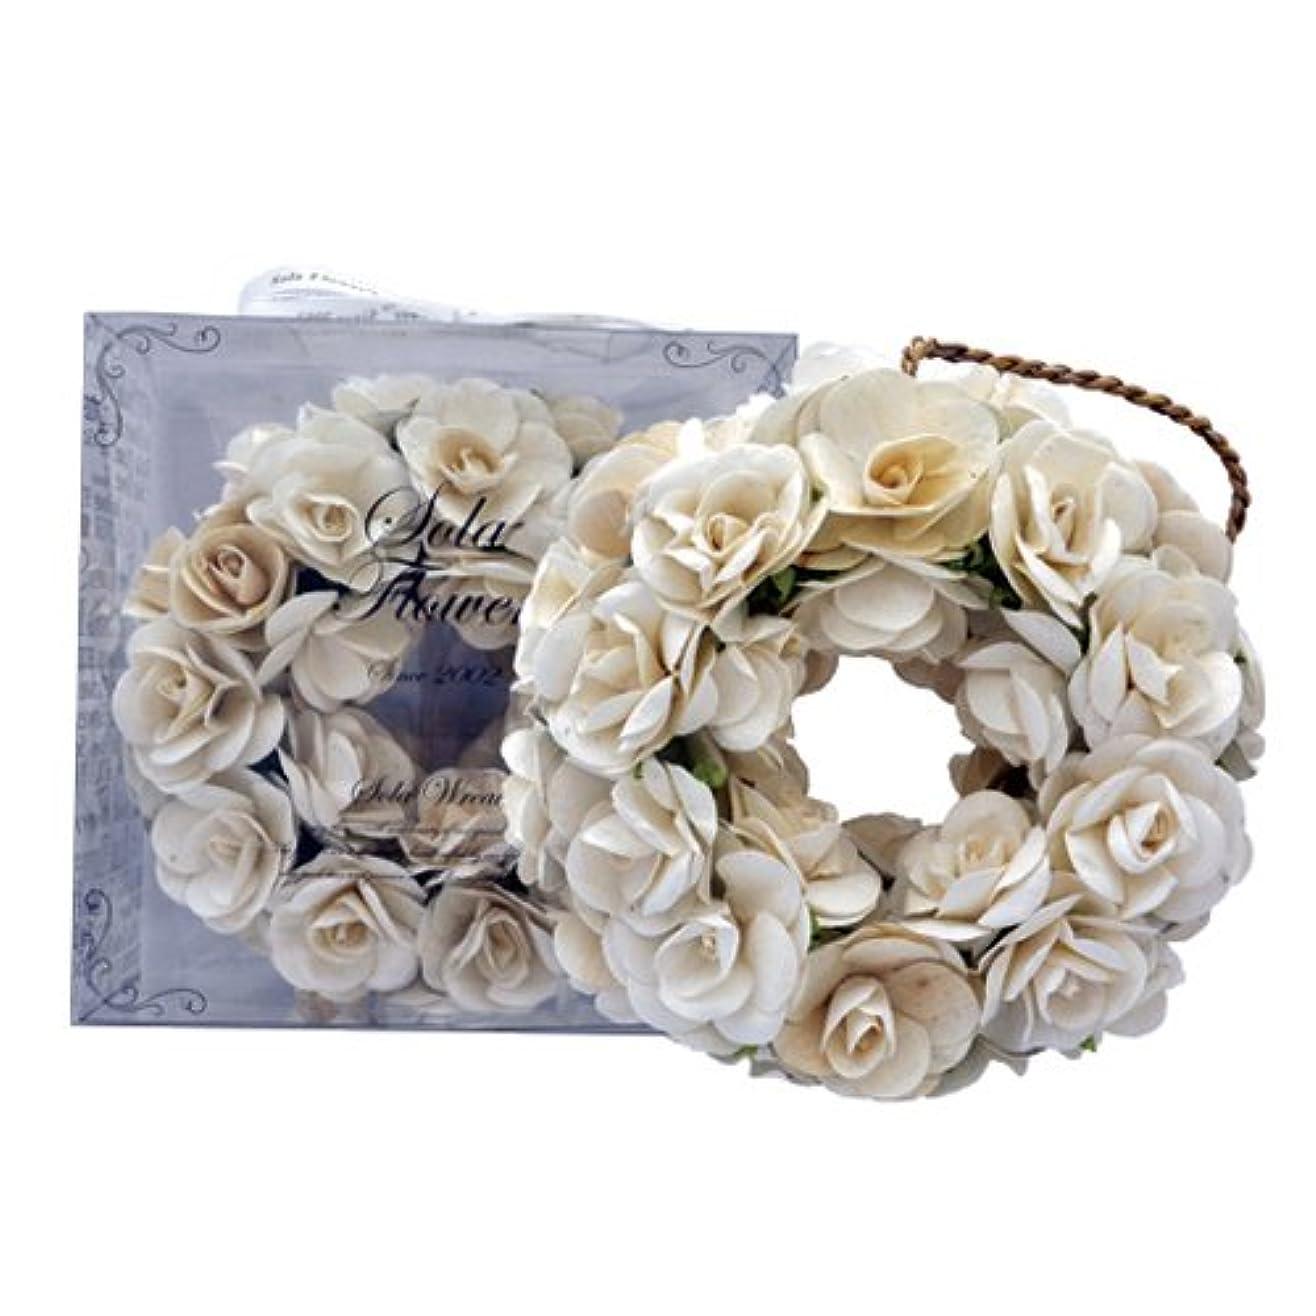 有害基準寄稿者new Sola Flower ソラフラワー リース Original Rose オリジナルローズ Wreath